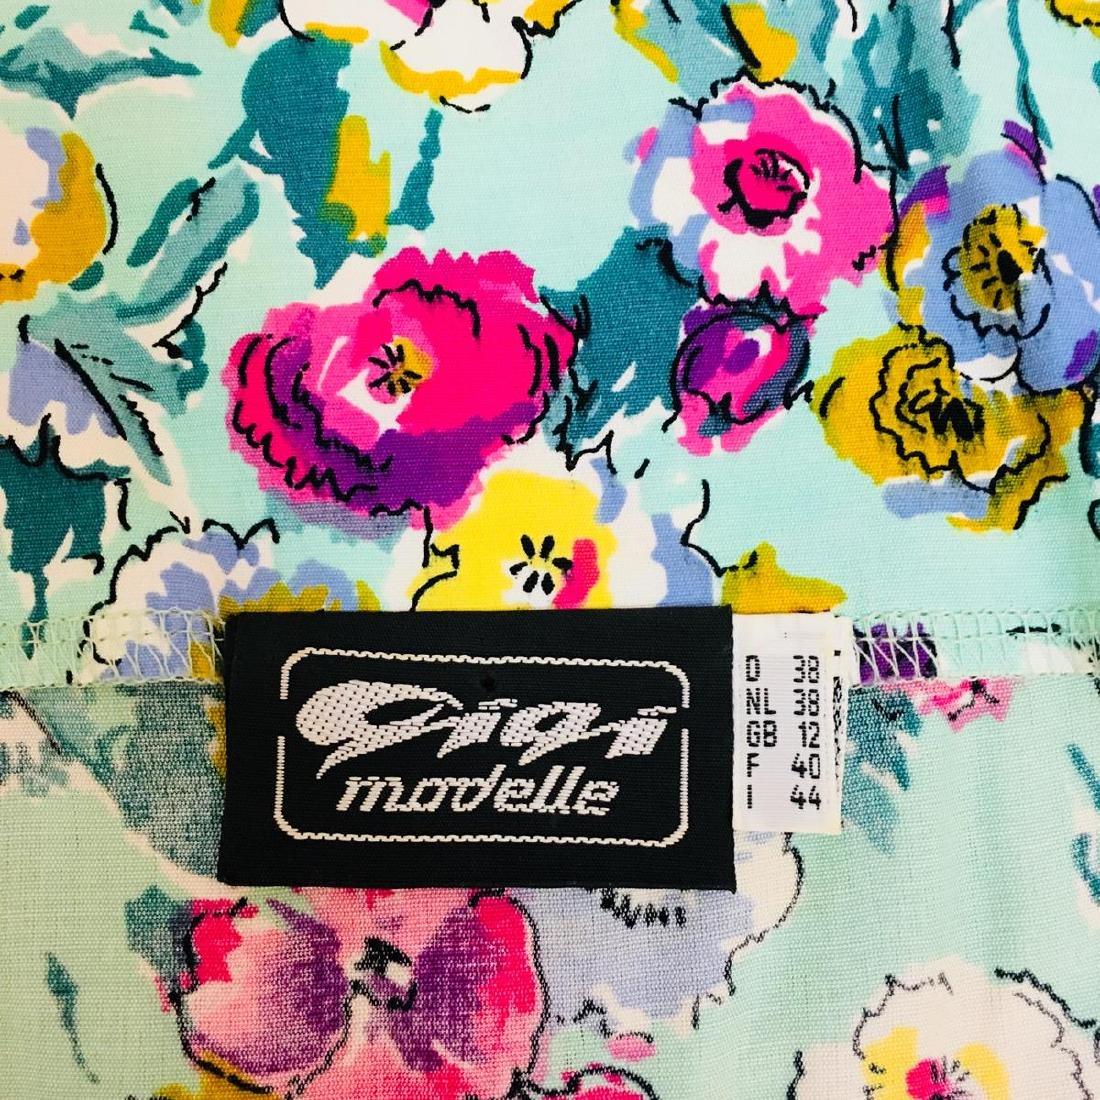 Vintage Women's Gigi Modelle Designer Blouse Shirt Top - 5